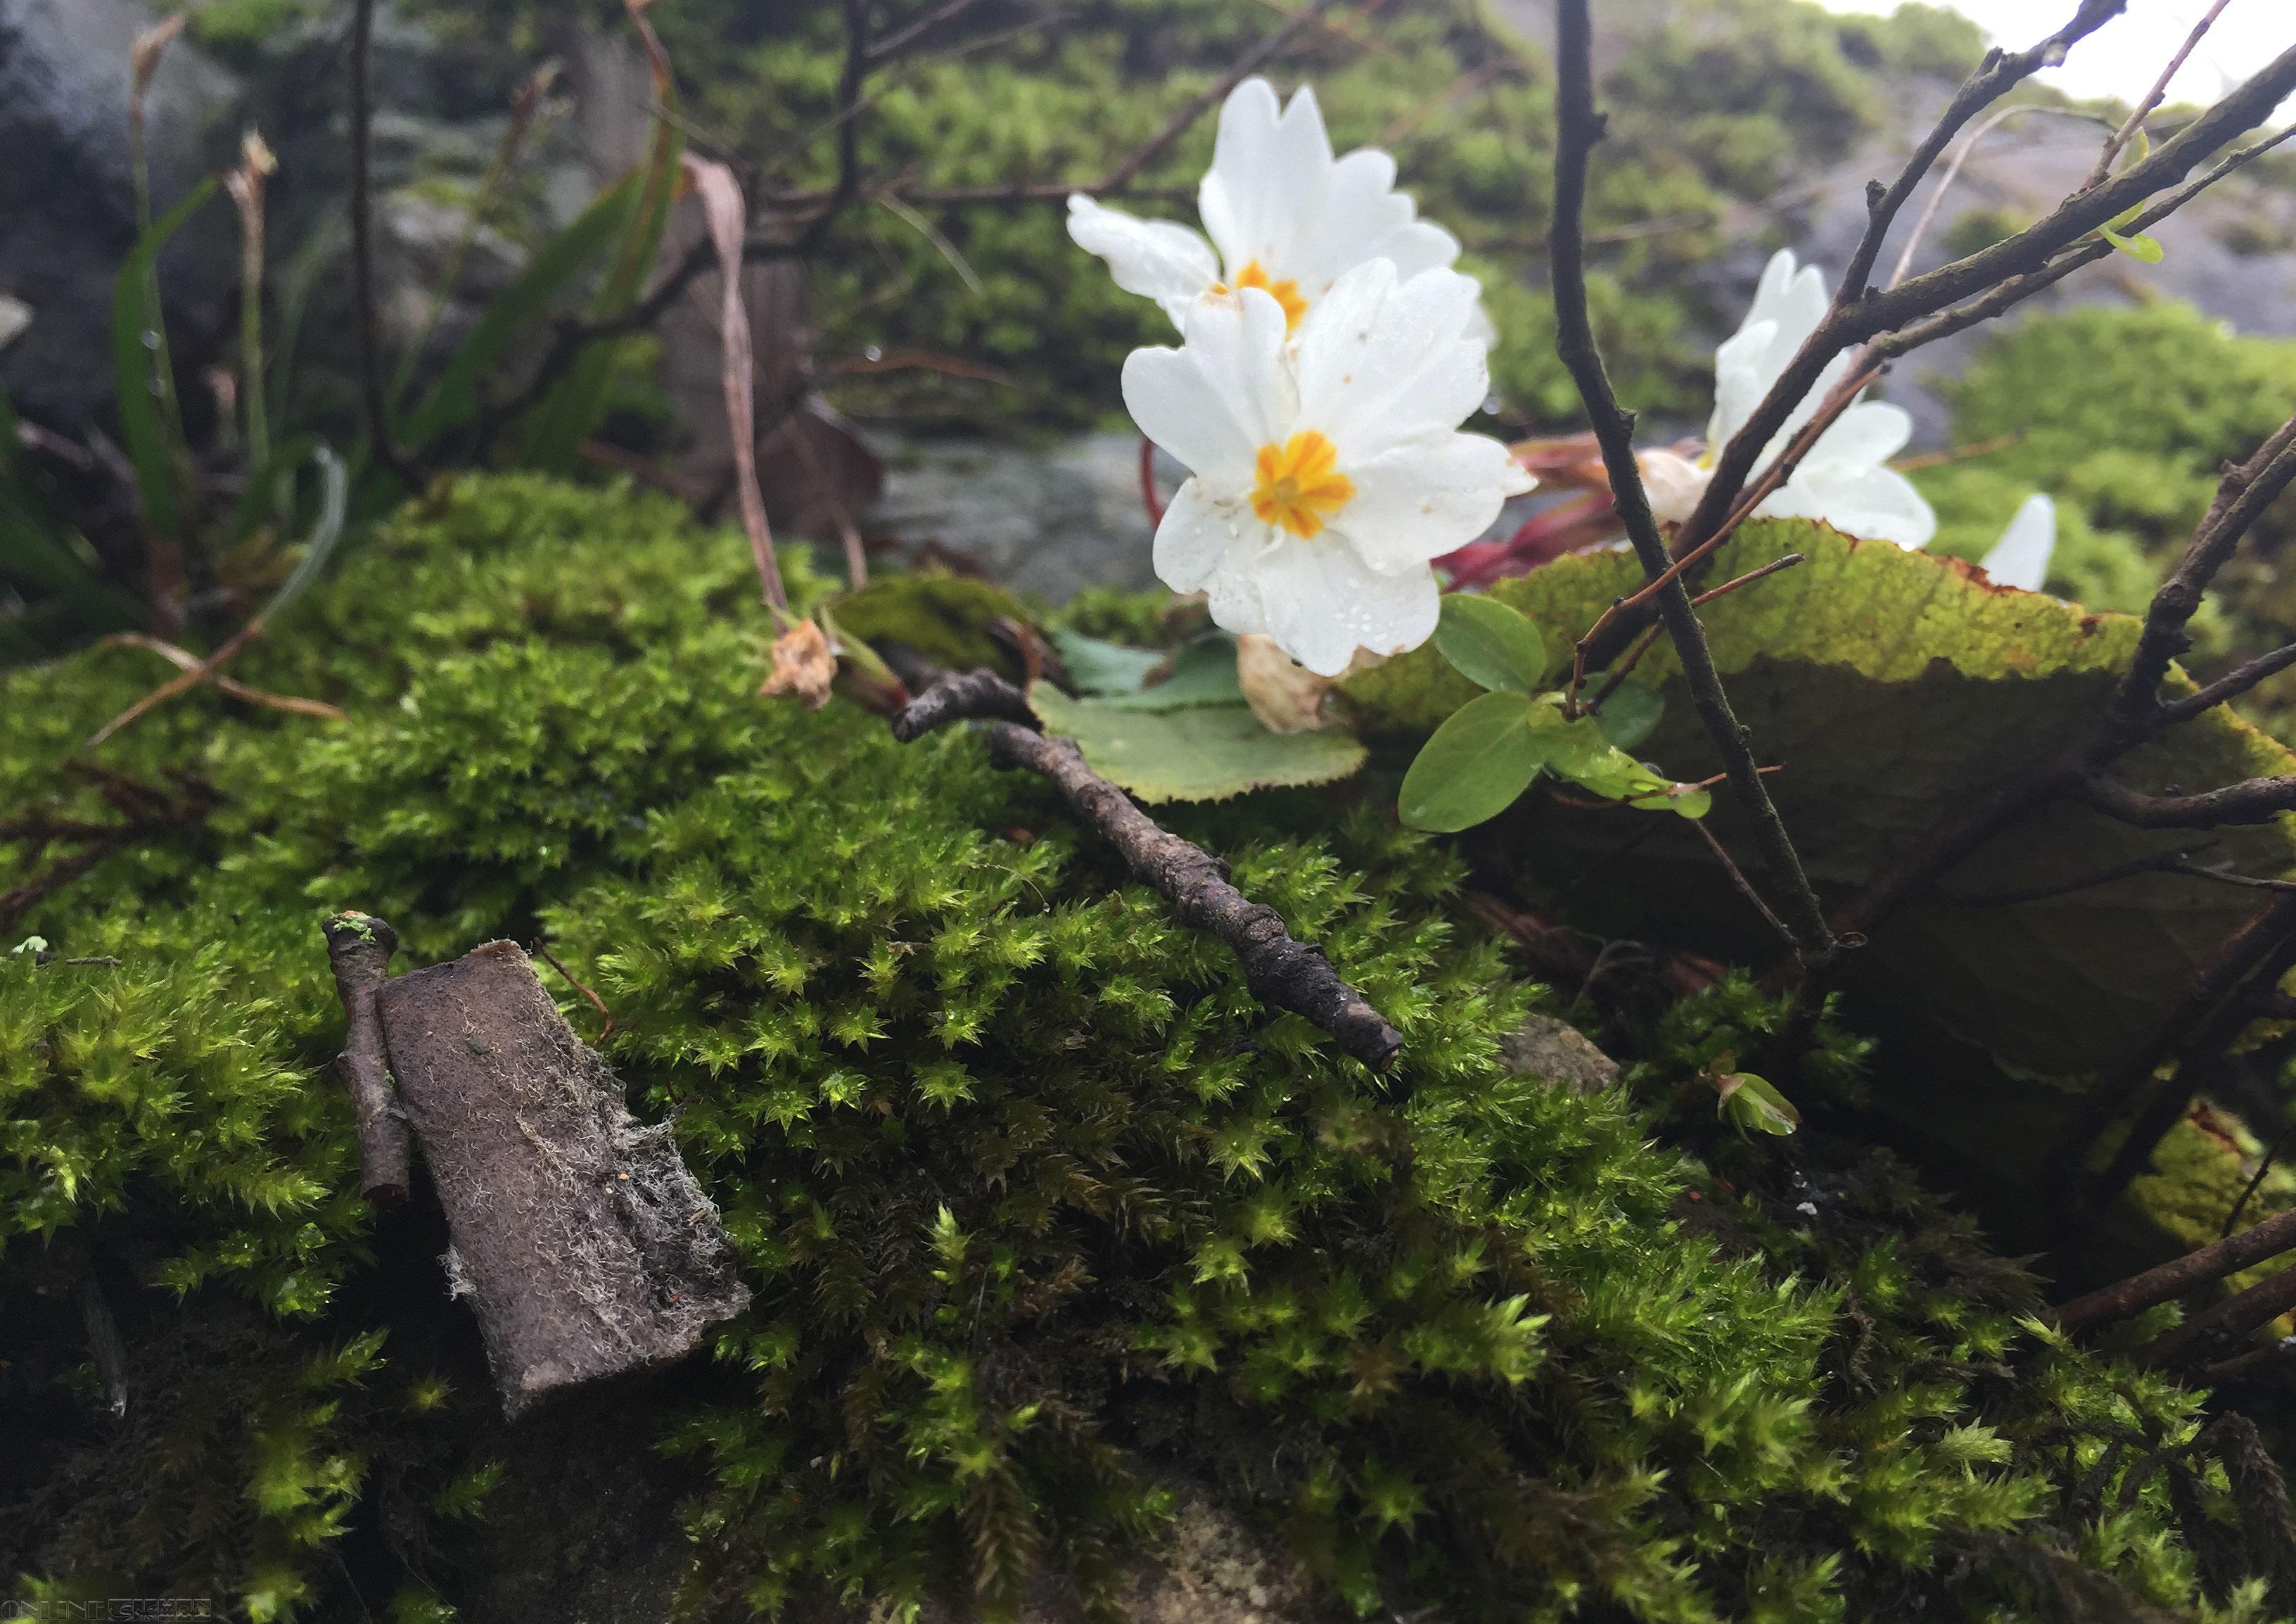 بهار | گل - عکس: رضا یغمایی